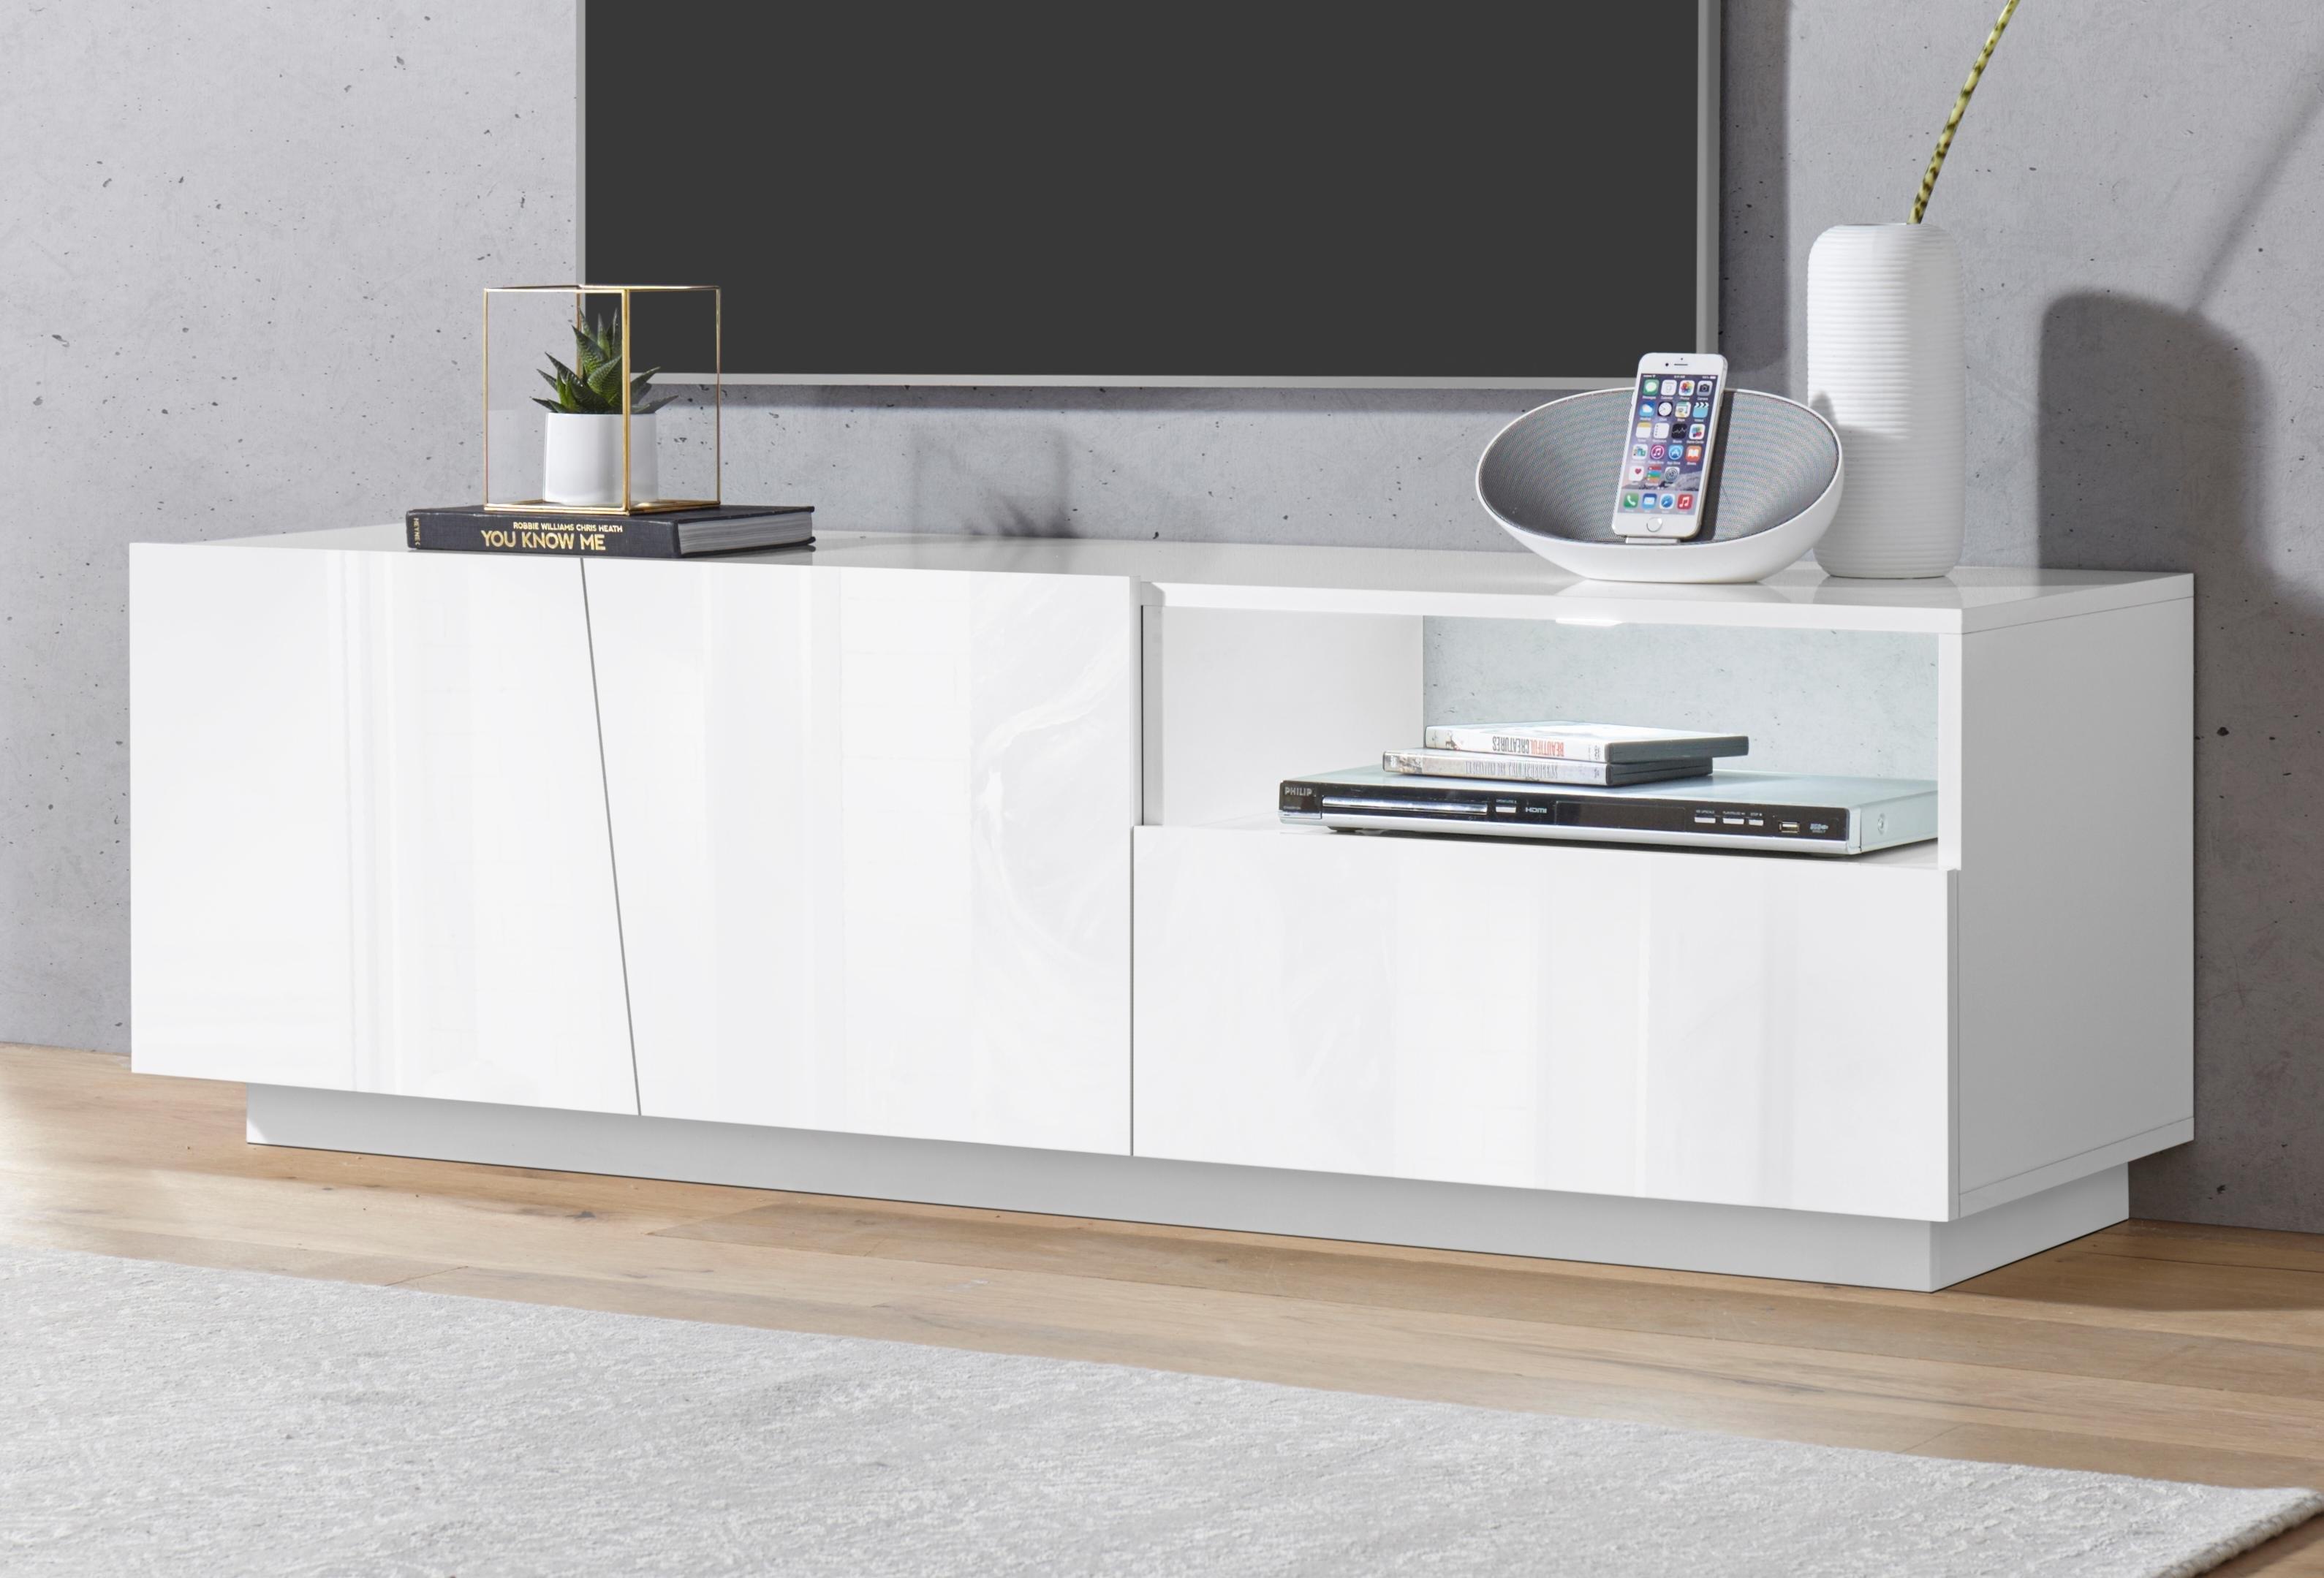 Tecnos tv-meubel »Vega«, breedte 150 cm bestellen: 30 dagen bedenktijd